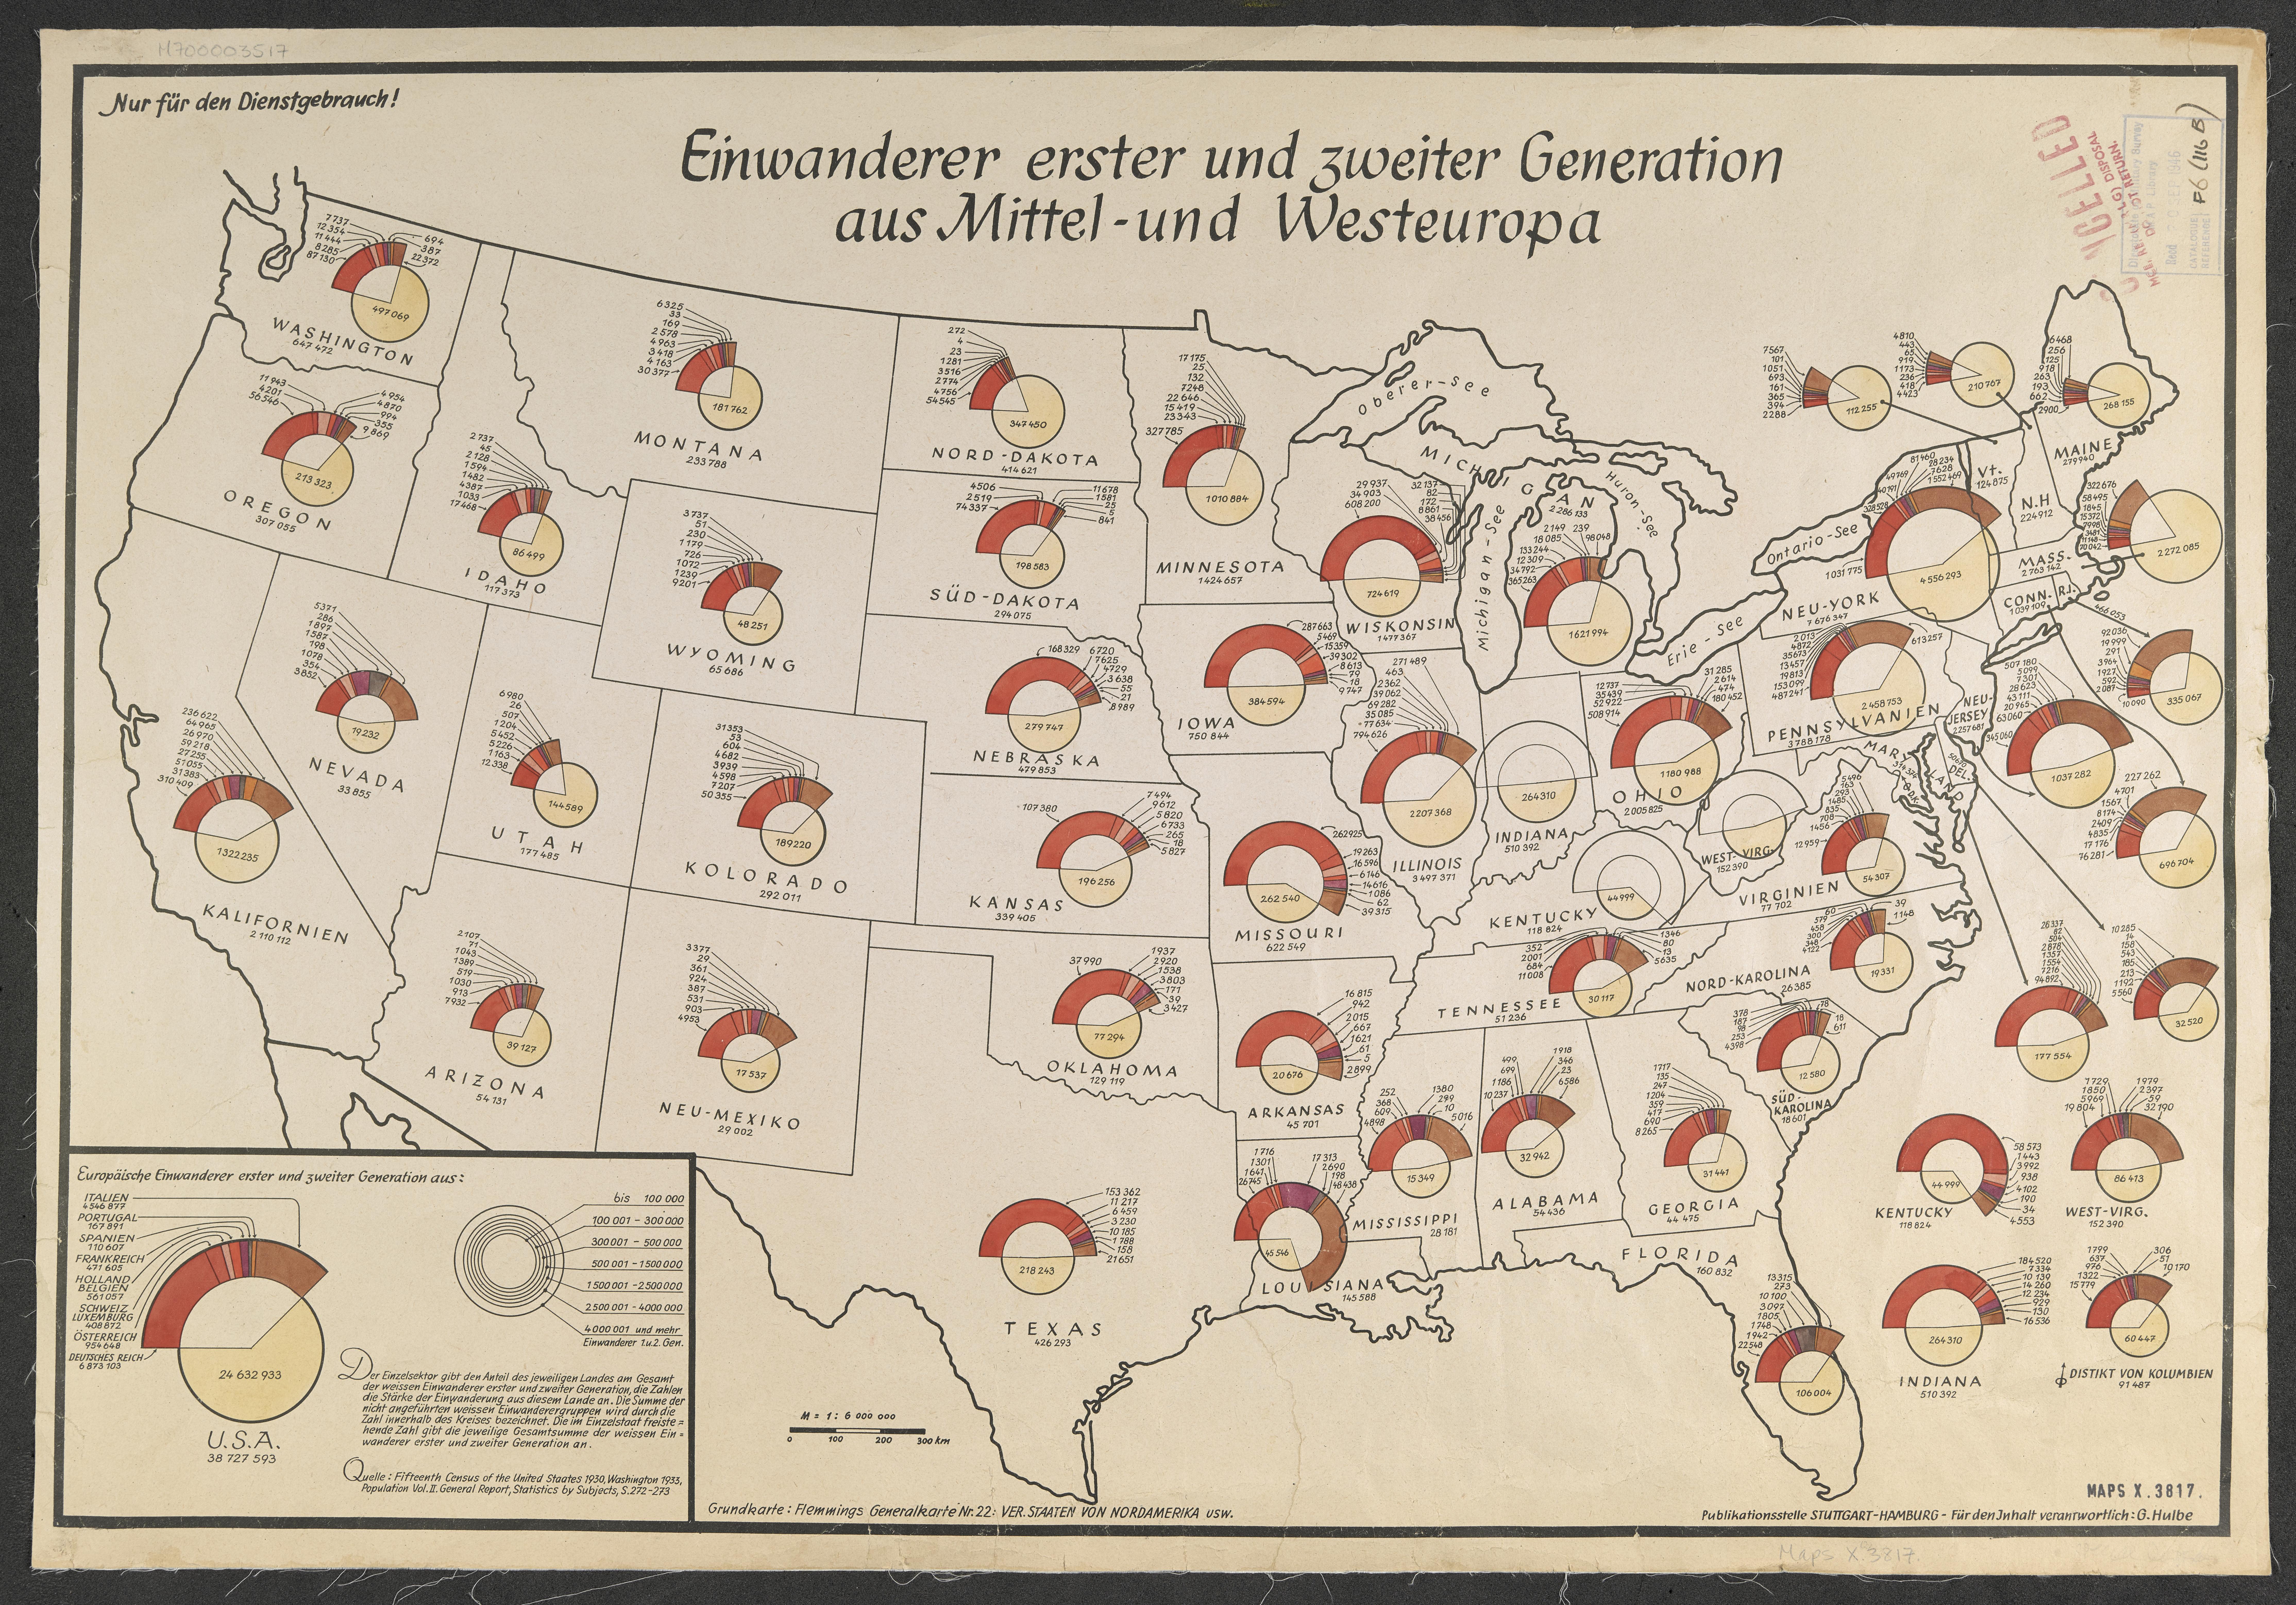 G. Hulbe, Einwanderer erster und zweiter Generation aus Mittel- und Westeuropa, Stuuttgart-Hamburg, c.1940 on display in '20th Century through Maps'